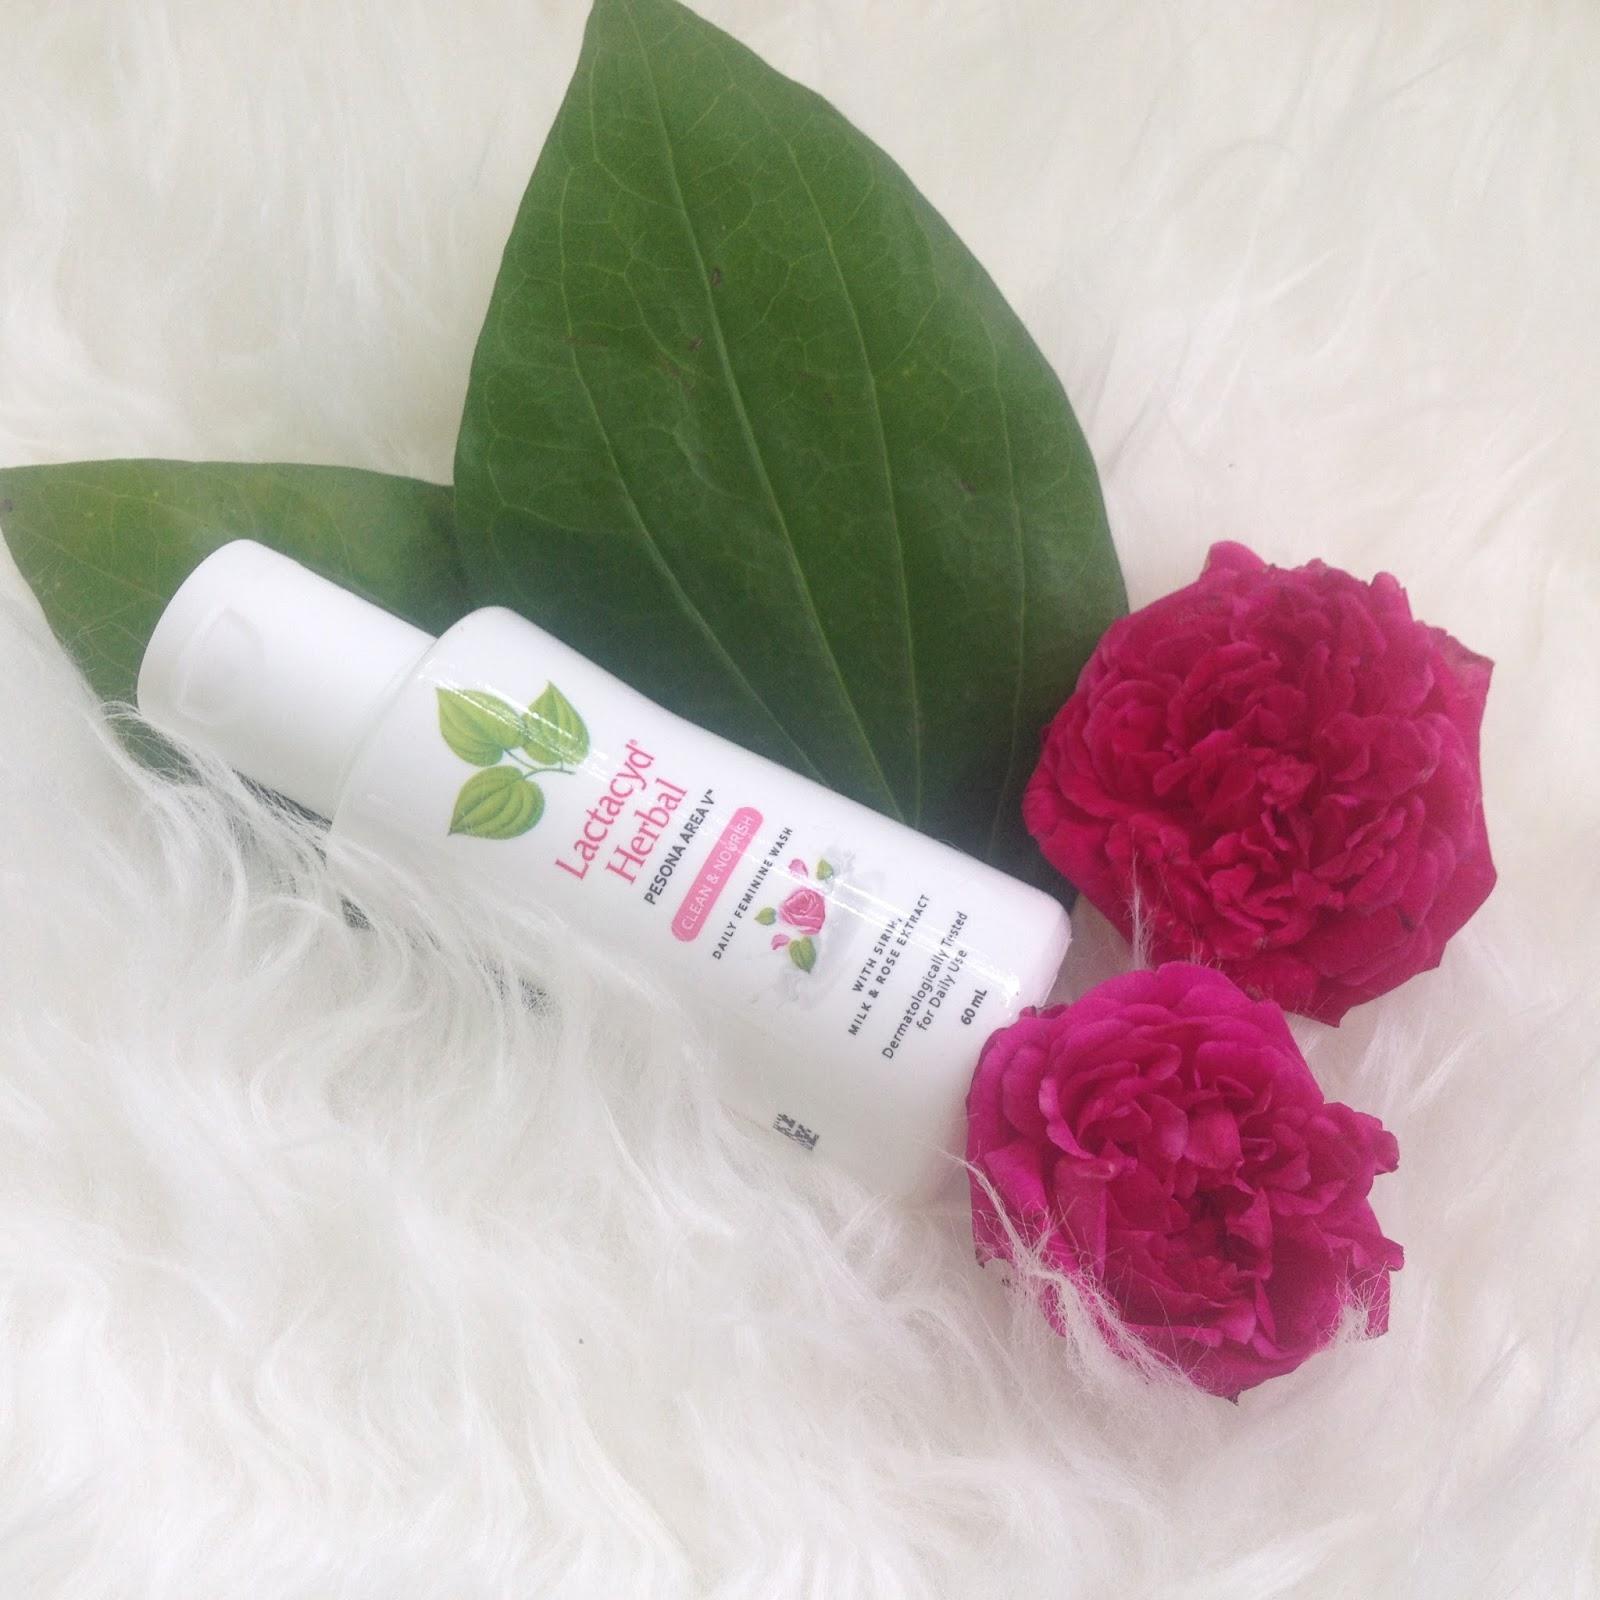 Lactacyd Herbal Pesona Alami Perempuan Indonesia Sabun Rose Aventis Pharma Selaku Produsen Yang Kita Semua Tahu Selama 25 Tahun Selalu Berinovasi Menciptakan Produk Menjaga Kebersihan Dan